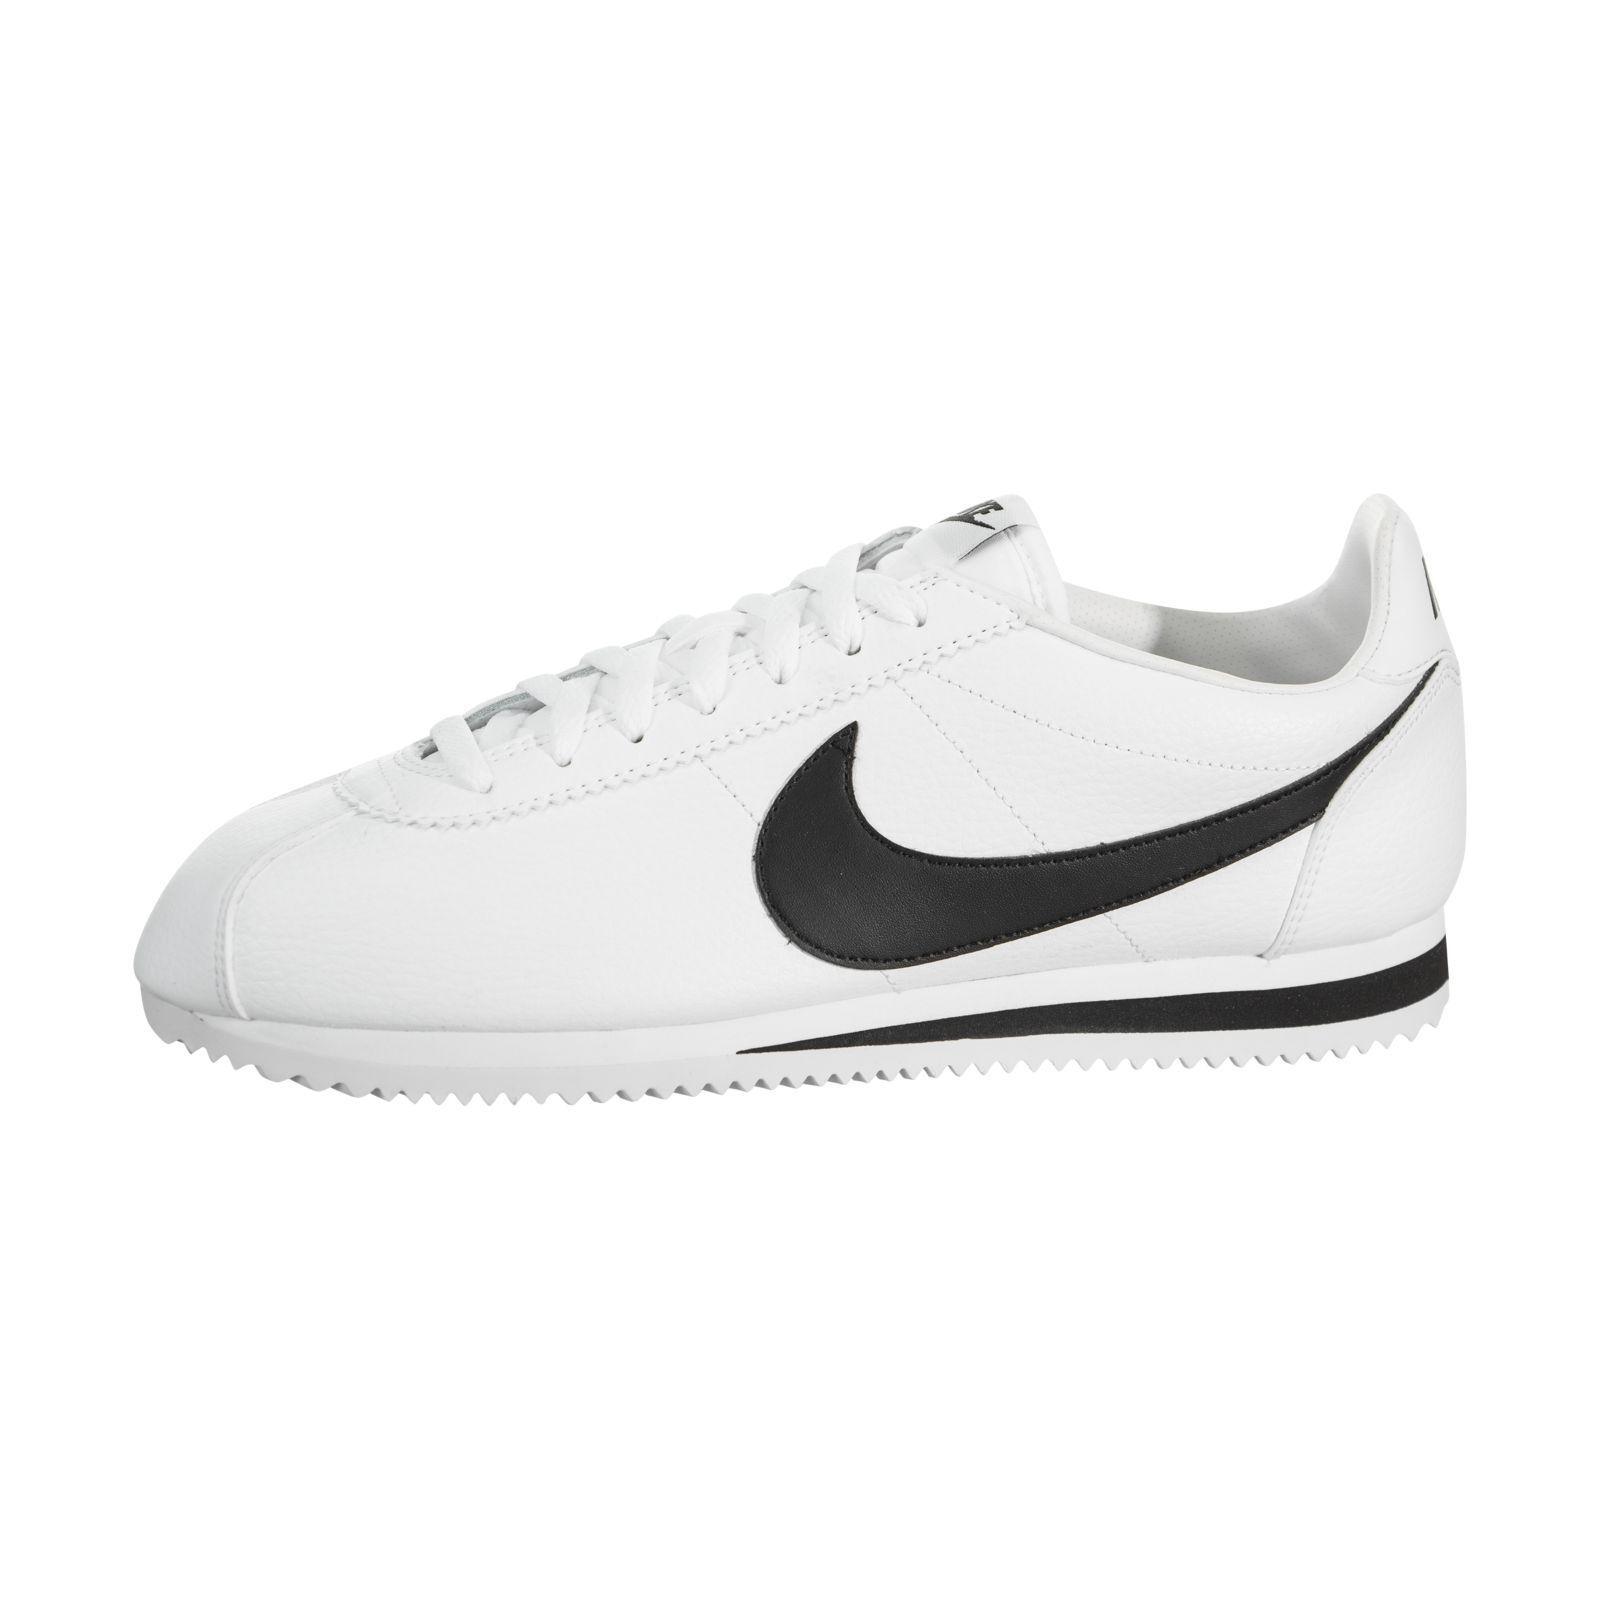 Nike nero cortez cuoio bianco / nero Nike classico 3a3a55